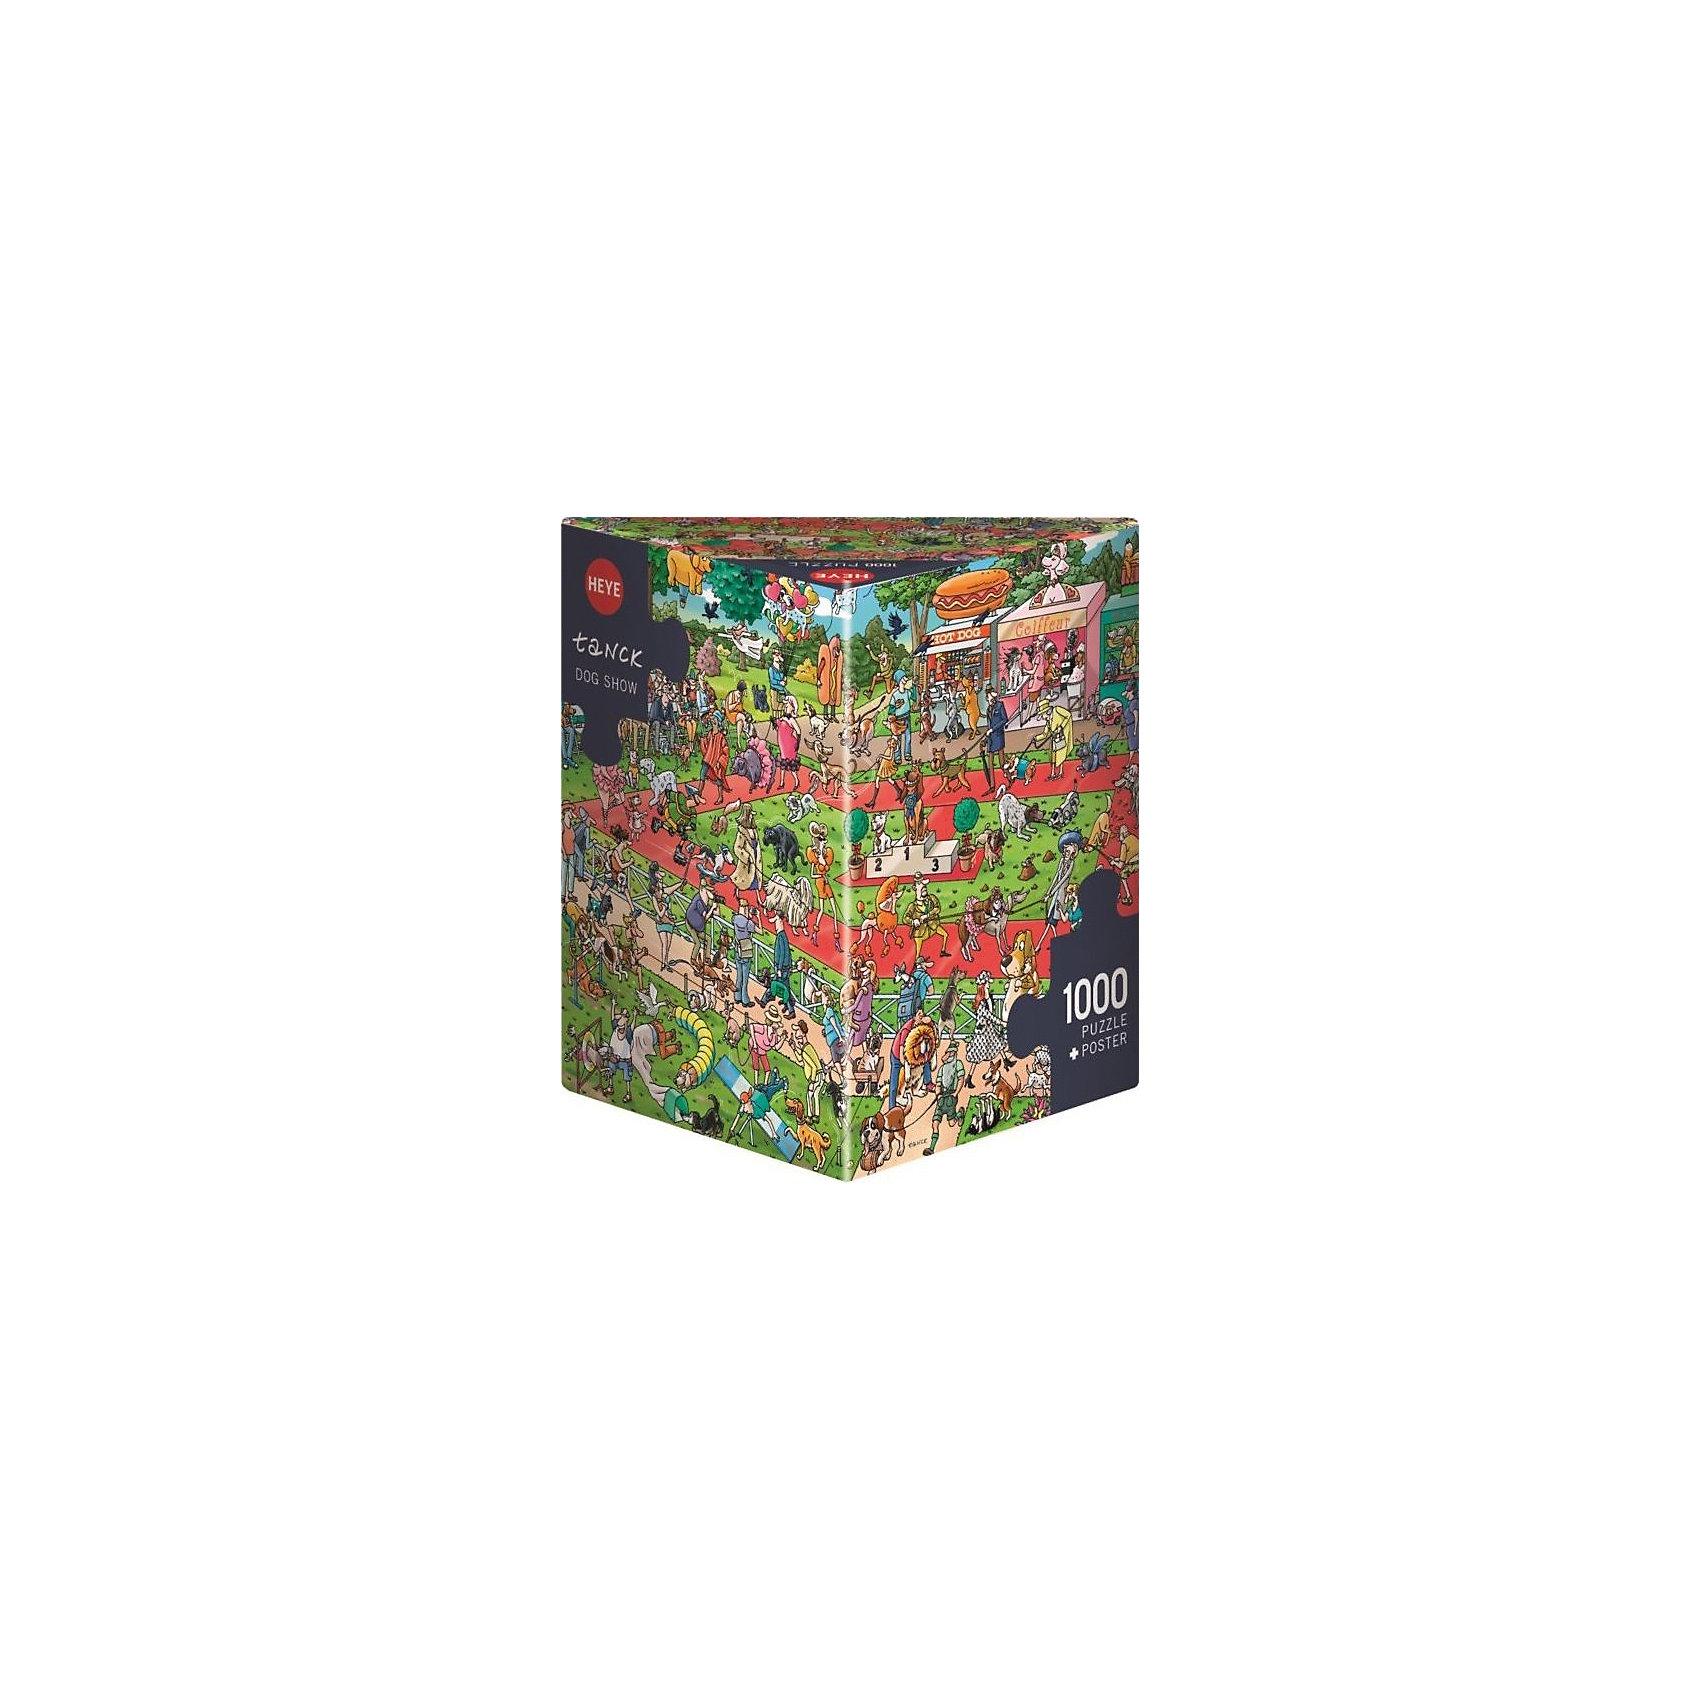 Пазлы Выставка собак, 1000 деталей, HeyeПазлы для детей постарше<br>Характеристики товара:<br><br>• возраст: от 8 лет<br>• количество деталей: 1000 деталей <br>• размер собранного пазла: 70х50 см.<br>• материал: картон<br>• упаковка: картонная коробка в форме треугольника<br>• размер упаковки: 37х27х5 см.<br>• вес: 840 гр.<br>• страна обладатель бренда: Германия<br><br>Яркие элементы  пазла образуют веселую  и жизнерадостную картину, которую можно рассматривать бесконечно, как взрослым так и детям. Сюжет картины поразит своим воображением и  прекрасно дополнит интерьер любой комнаты. <br><br>Оригинальная упаковка пазла в виде треугольника отлично подойдет в качестве подарка.<br><br>Качественный материал элементов пазла позволяет  собрать и сохранить картину, создавая в меру глянцевый эффект (а значит не сильно бликующий) и хорошую сцепку деталей.<br><br>Сбор элементов в одно изображение способствует развитию образного и логического мышления и является увлекательным и интересным процессом.<br><br>Пазл Выставка собак, 1000 деталей, HEYE ( ХАЙЕ) можно купить в нашем интернет-магазине.<br><br>Ширина мм: 371<br>Глубина мм: 55<br>Высота мм: 271<br>Вес г: 840<br>Возраст от месяцев: 216<br>Возраст до месяцев: 2147483647<br>Пол: Унисекс<br>Возраст: Детский<br>SKU: 6881431